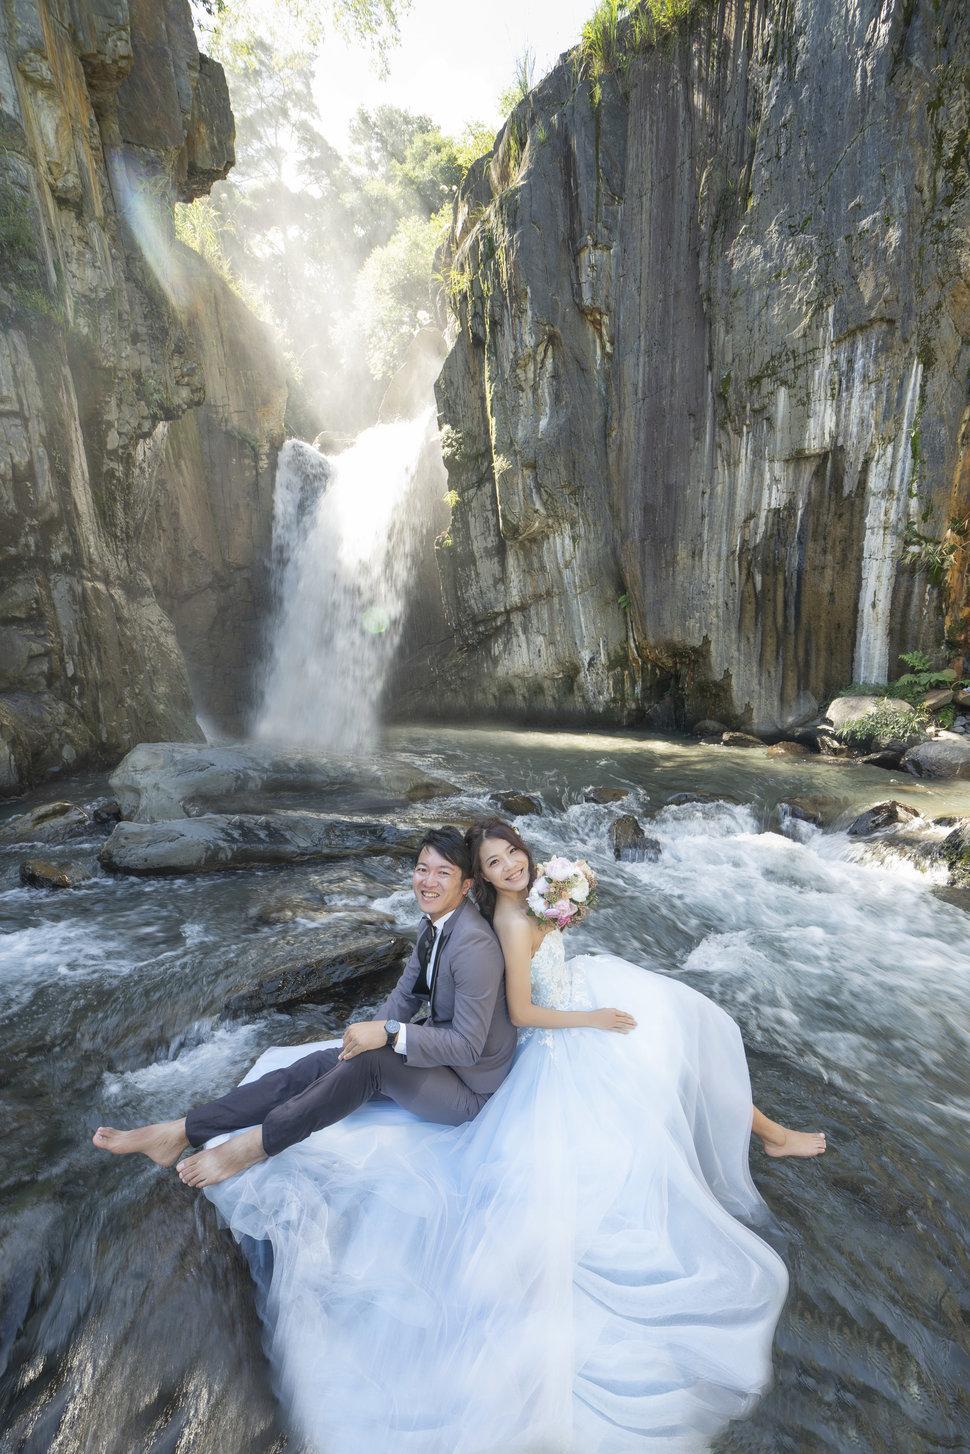 DSC01815-1 - 高雄潘朵拉婚紗攝影工作室《結婚吧》